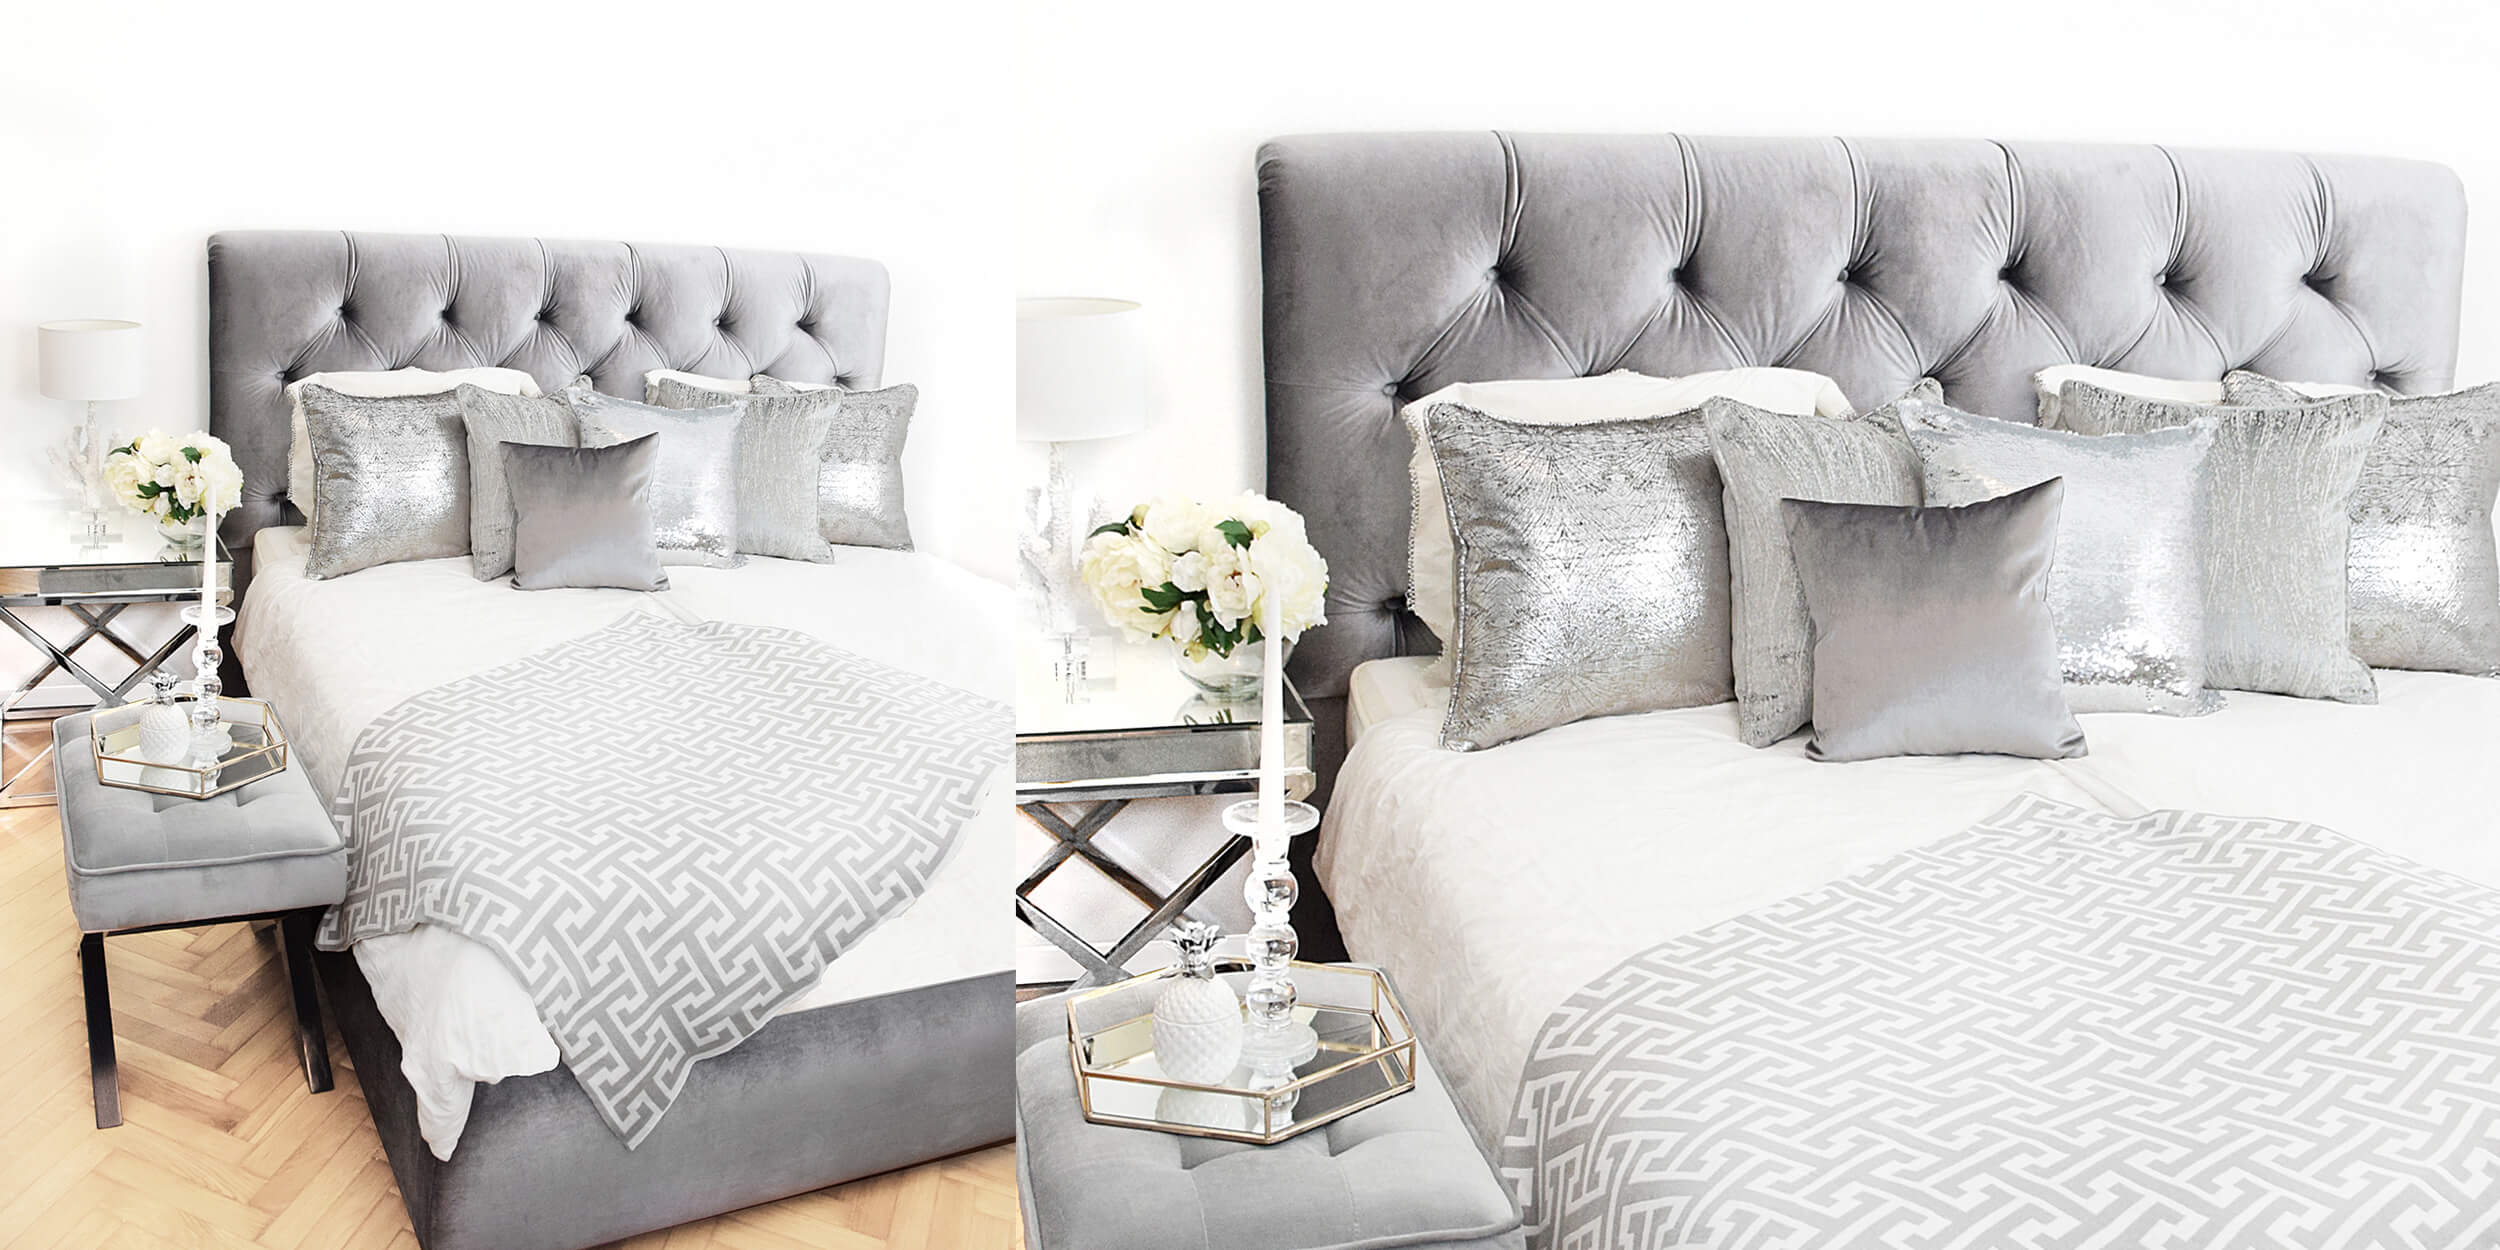 Schlafzimmer in Silbertönen